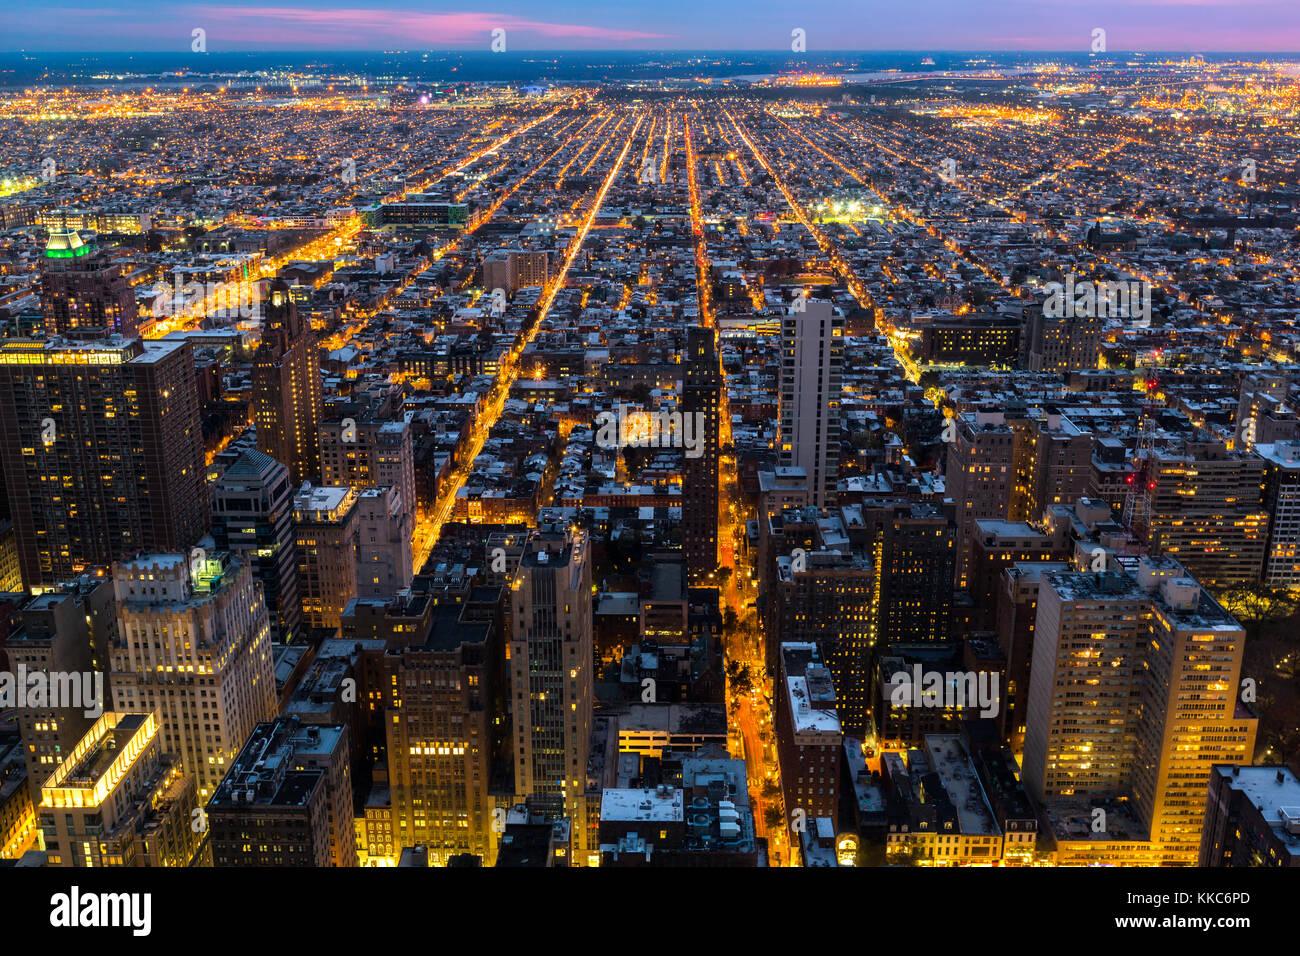 Vista aerea di Philadelphia con strade di città convergenti verso il bordo dell'area metropolitana Immagini Stock